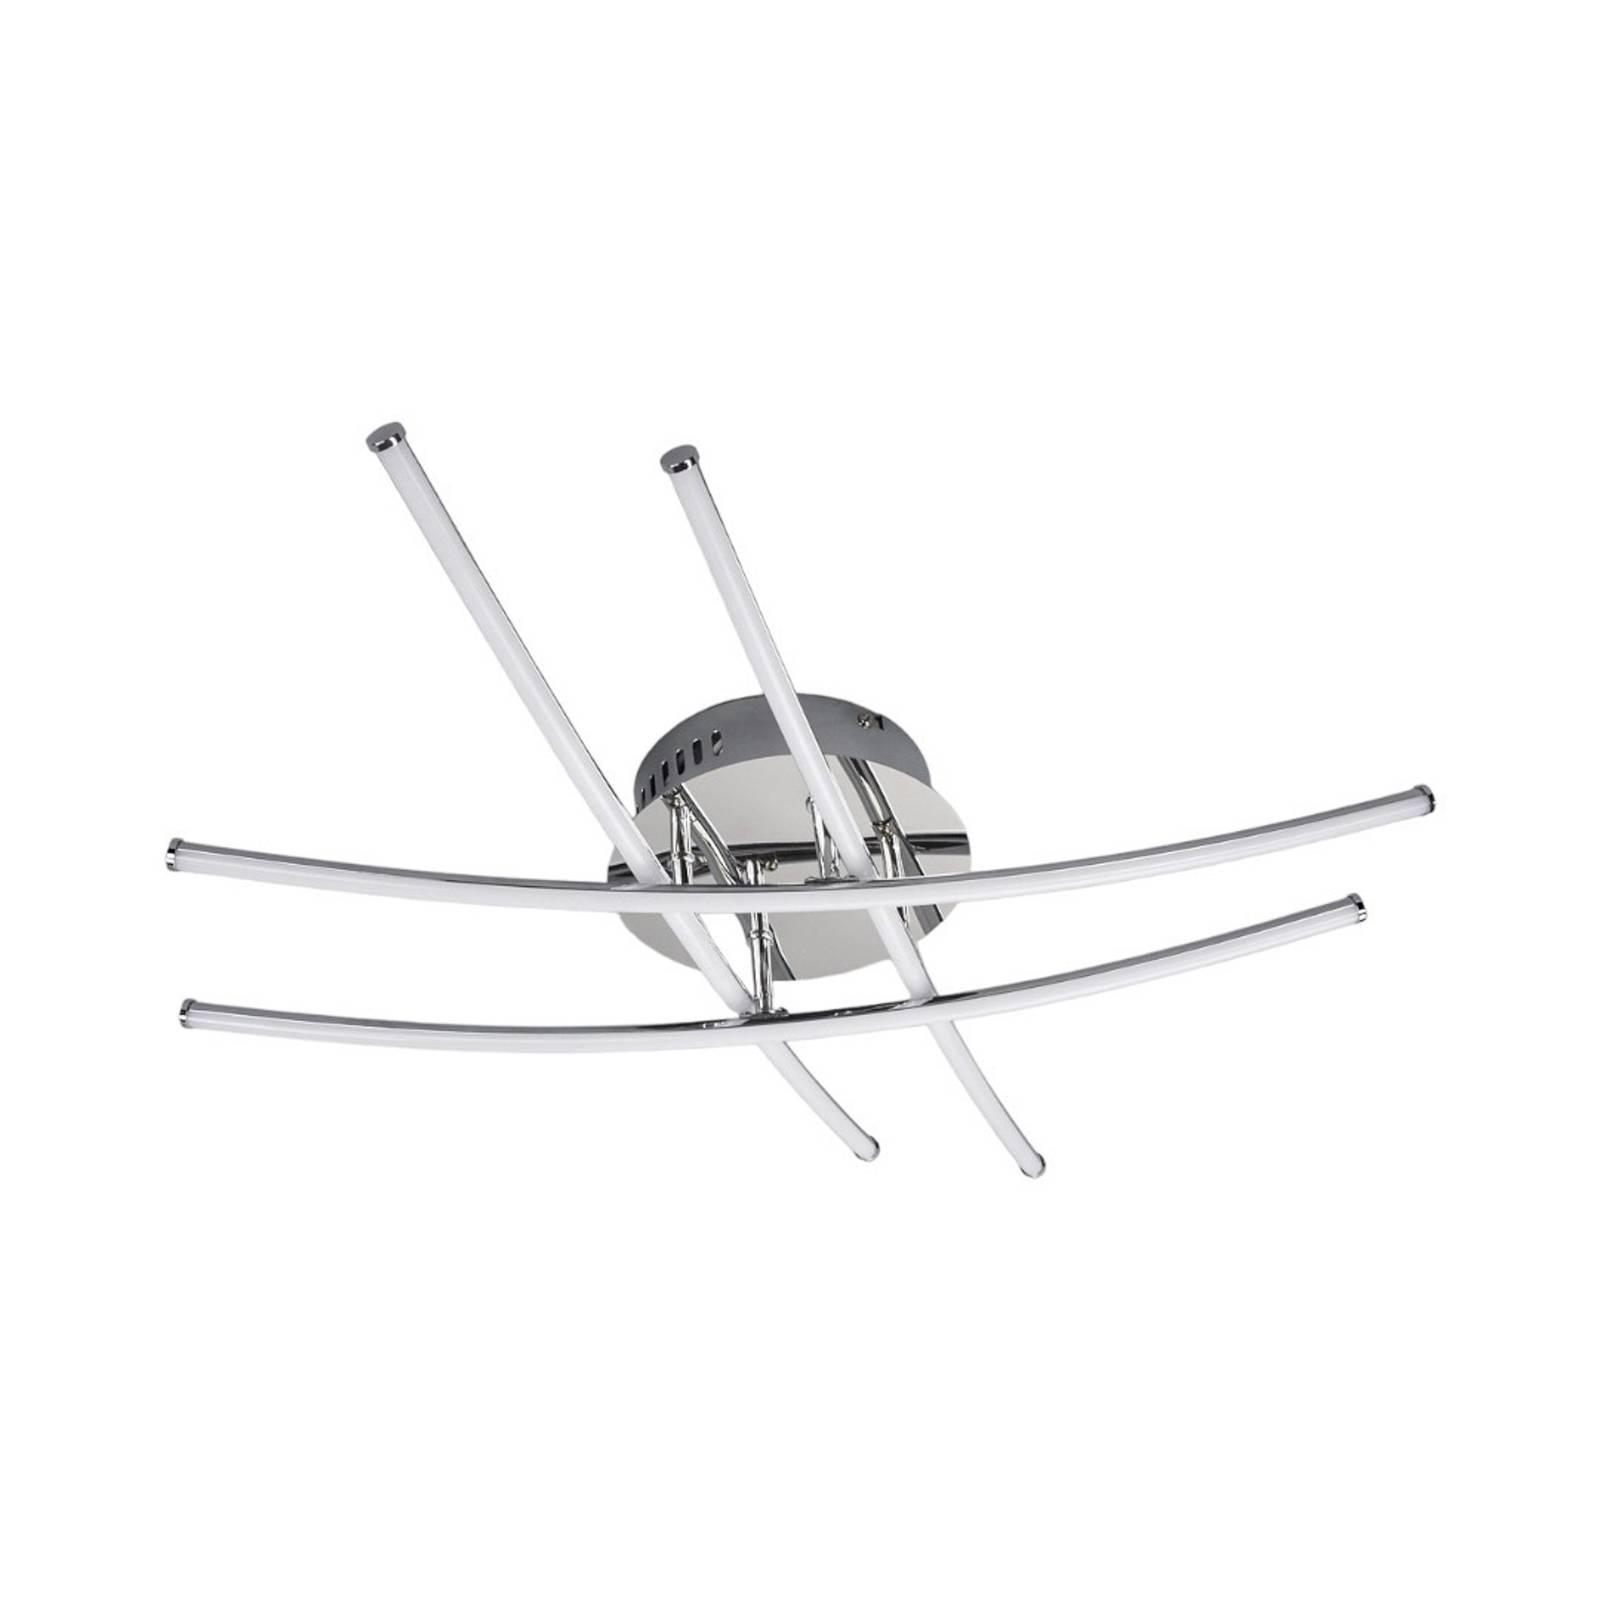 deckenlampen f r die k che von lampenwelt und andere deckenlampen f r wohnzimmer online kaufen. Black Bedroom Furniture Sets. Home Design Ideas